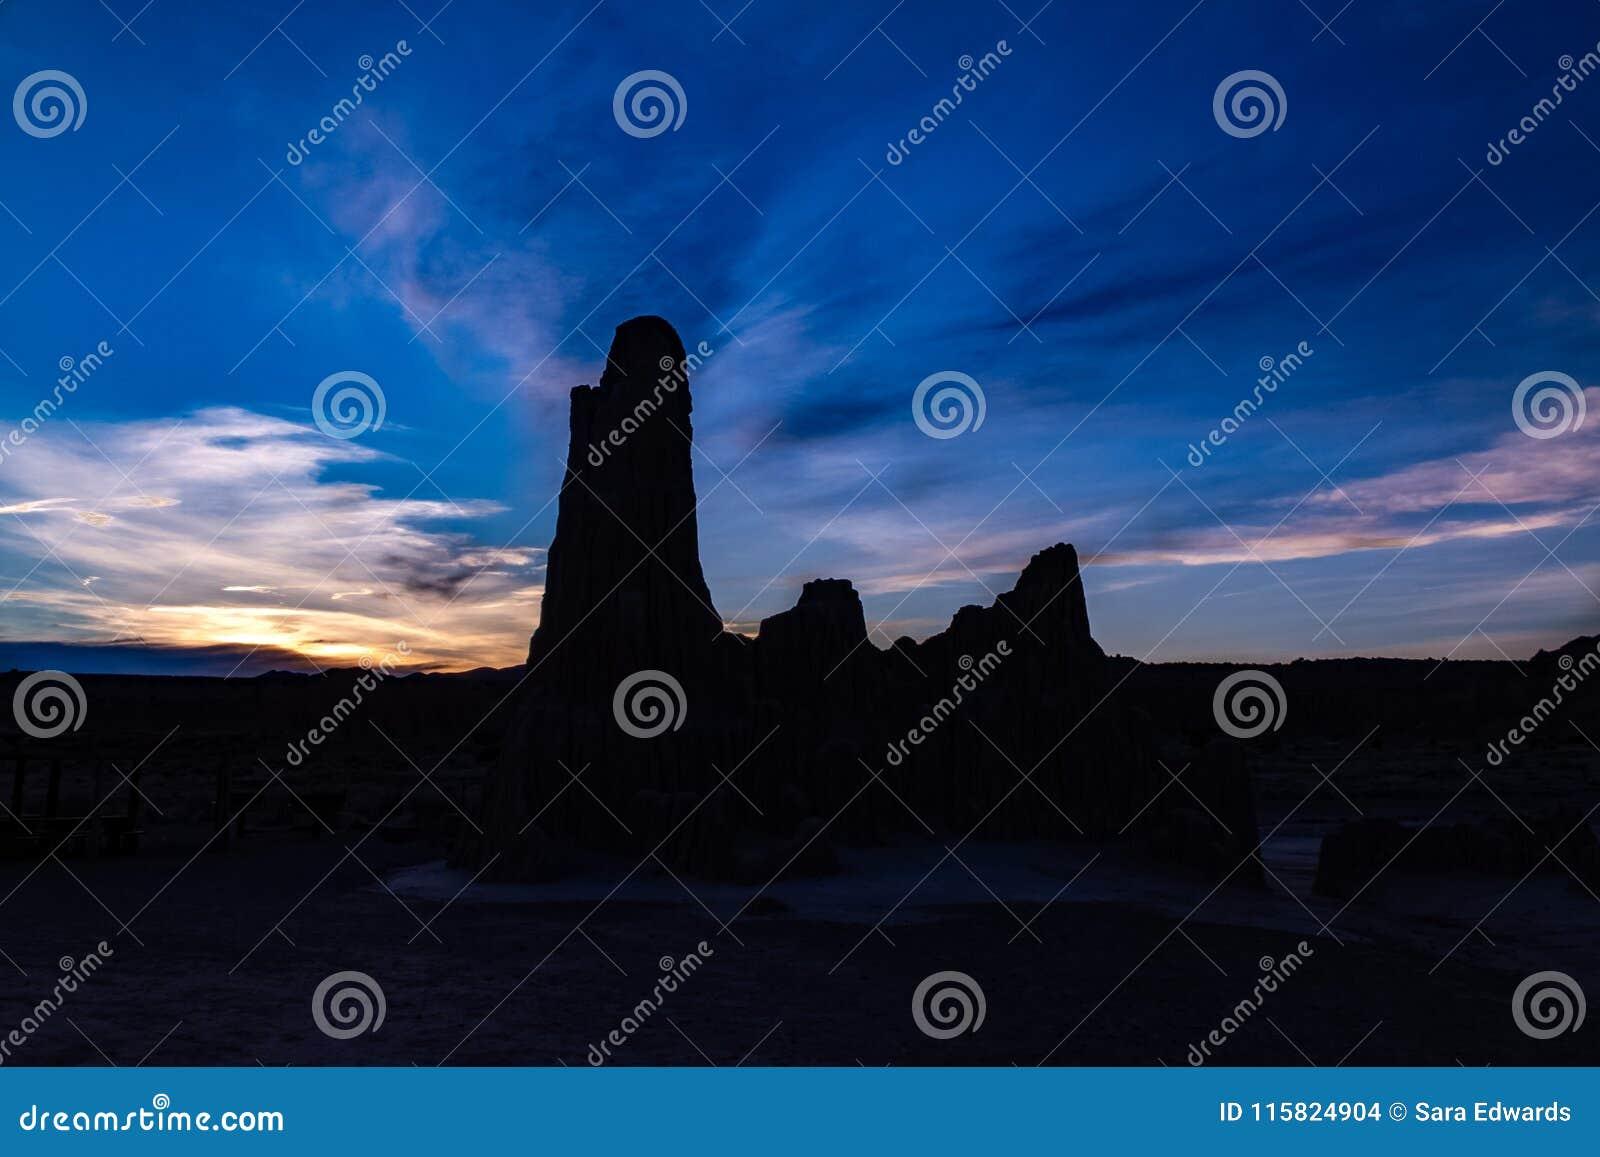 Silhueta incrível do parque estadual do desfiladeiro da catedral no por do sol